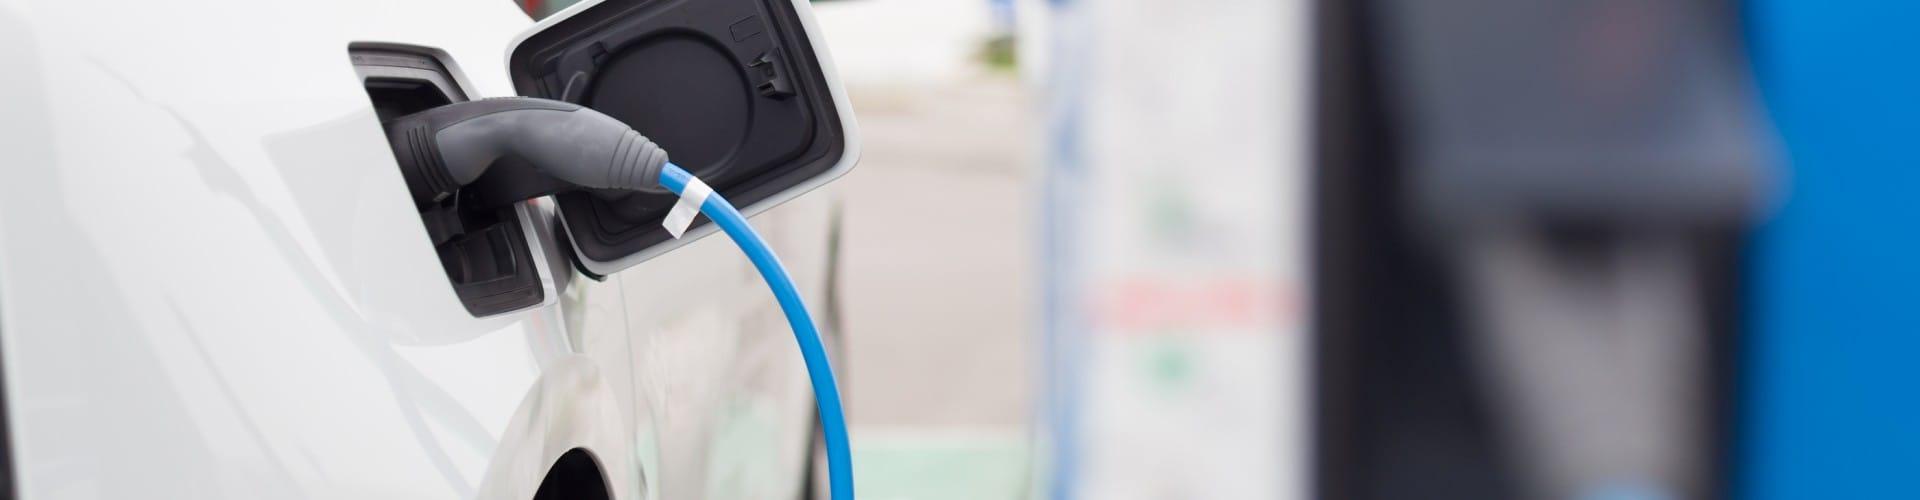 Installer Une Borne De Recharge Électrique À Votre Domicile ... tout Borne Electrique Jardin